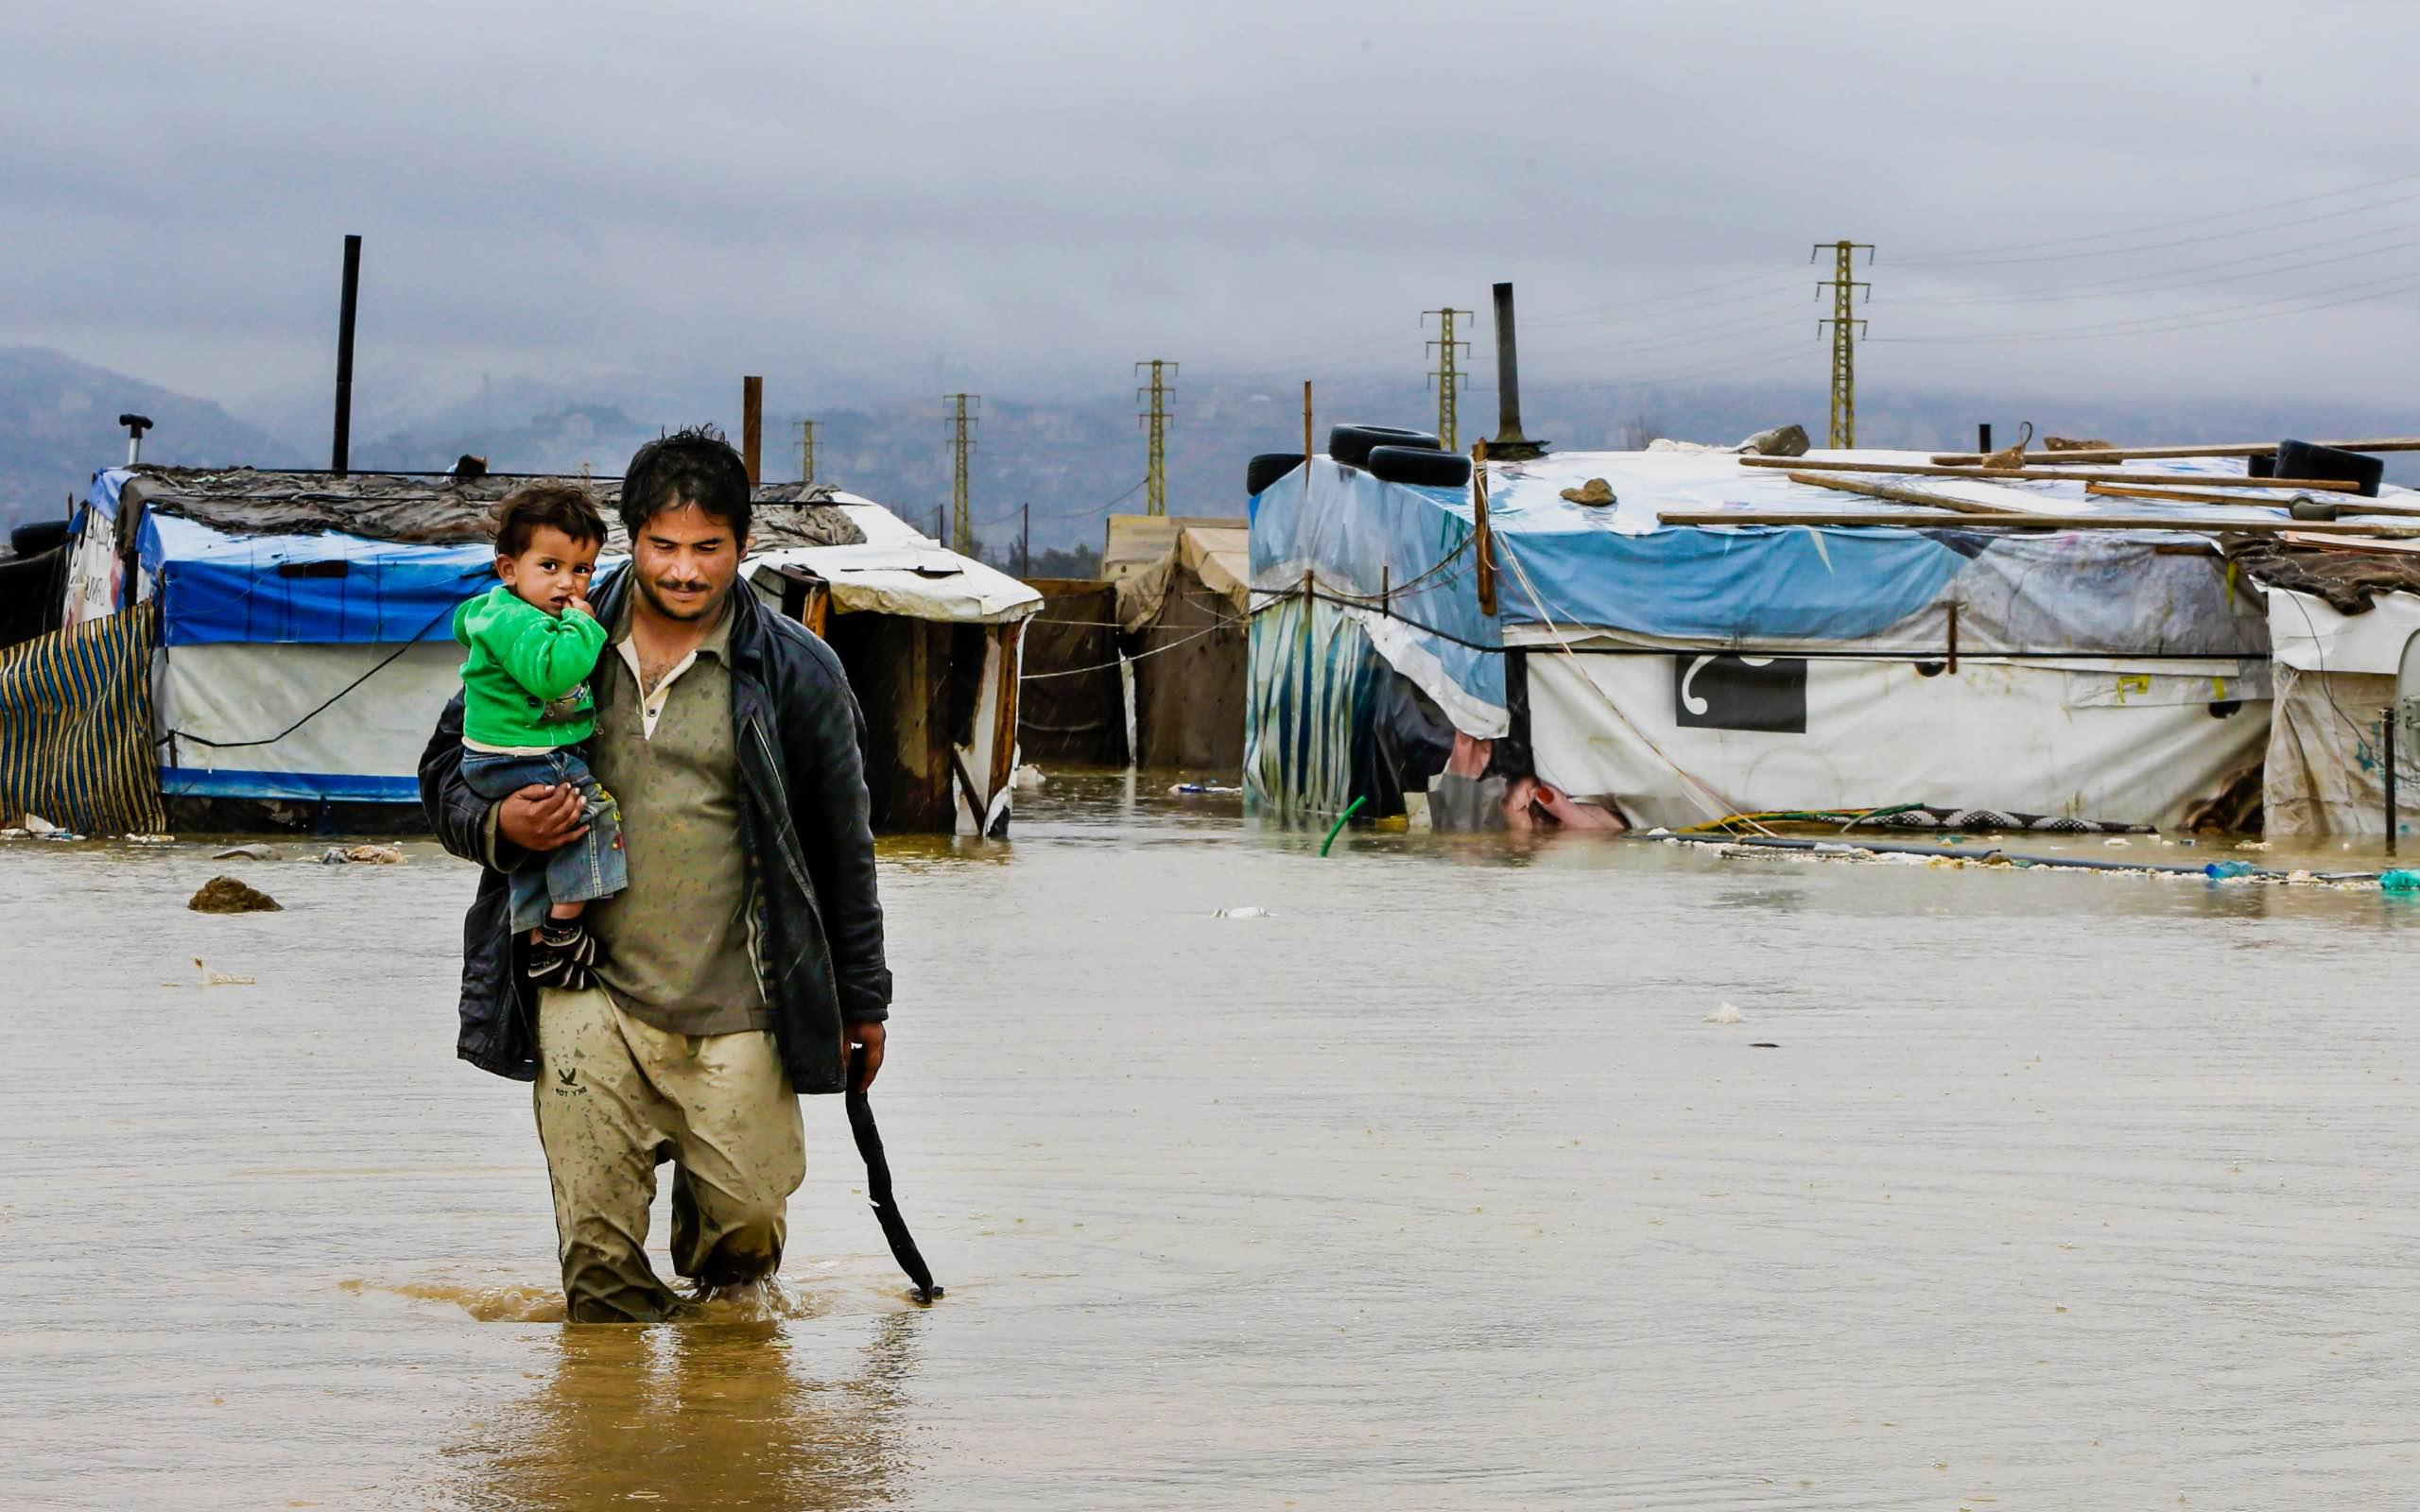 Pessoas deslocadas pela crise climática